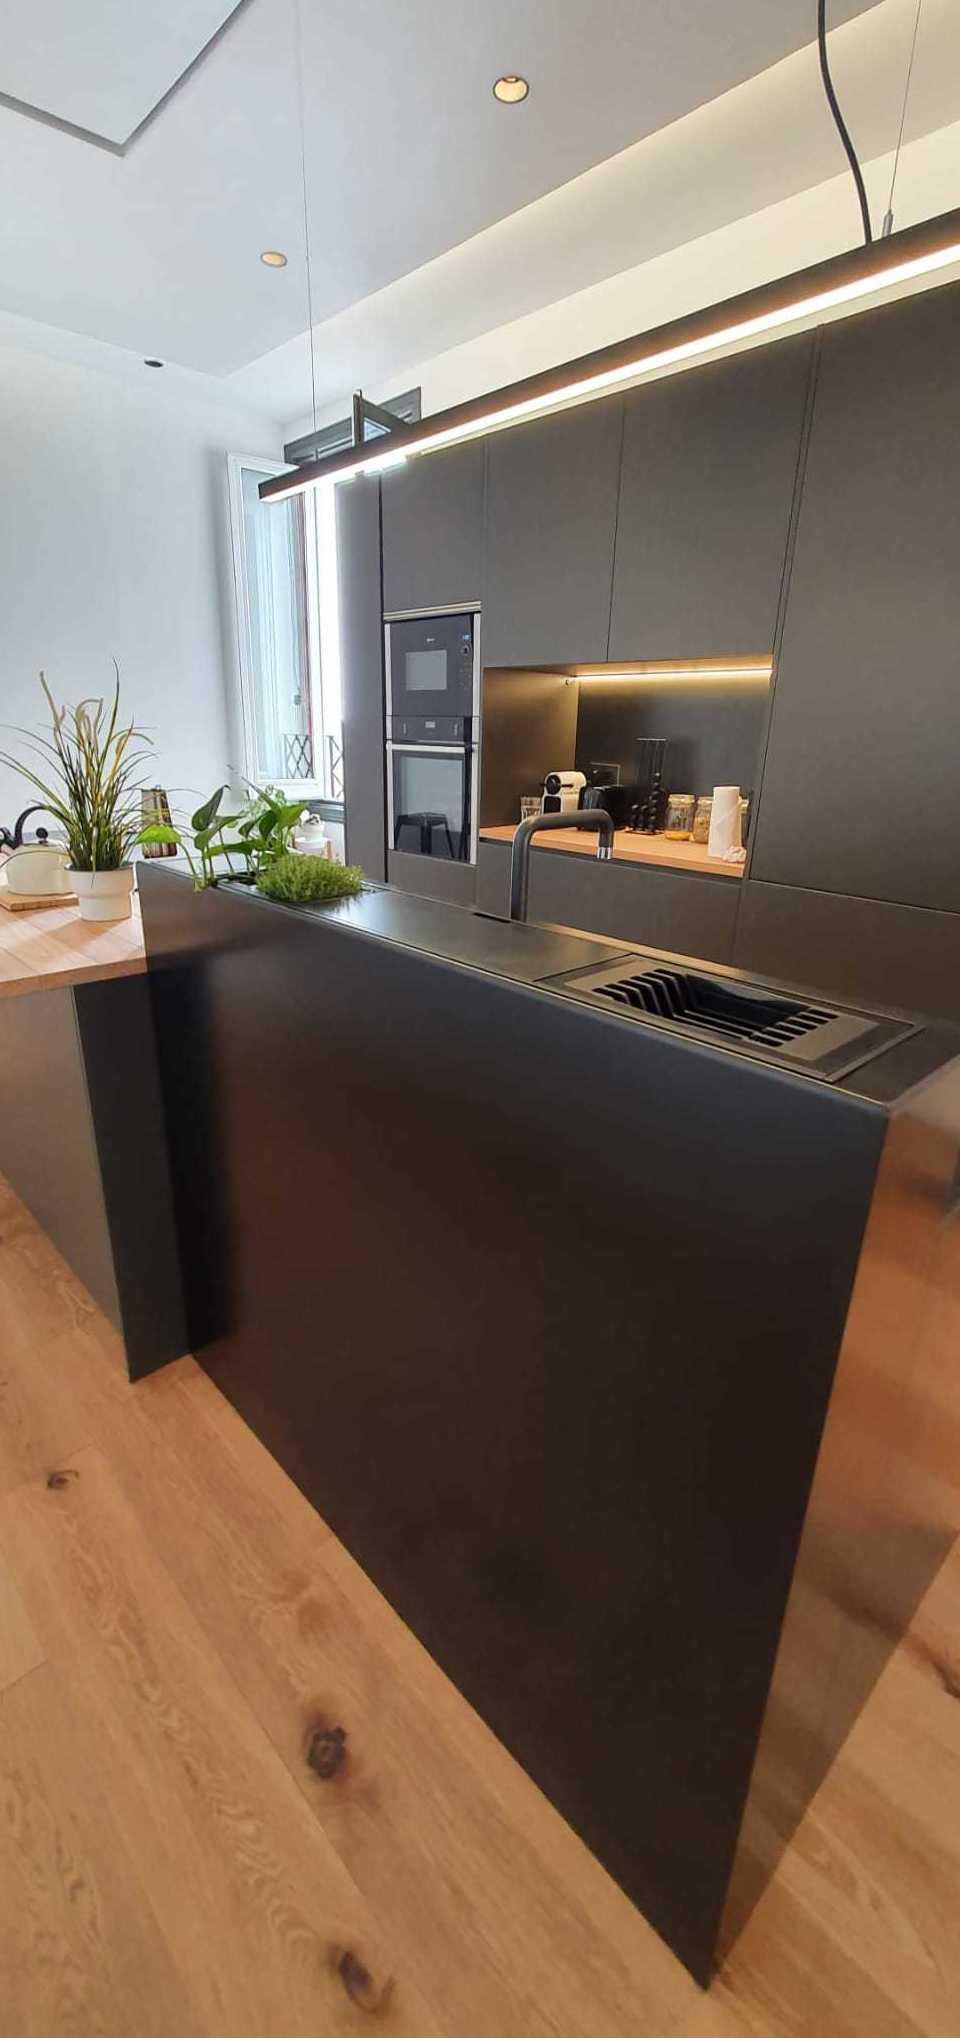 Mueble de Hierro para cocina. Cristalería Formas